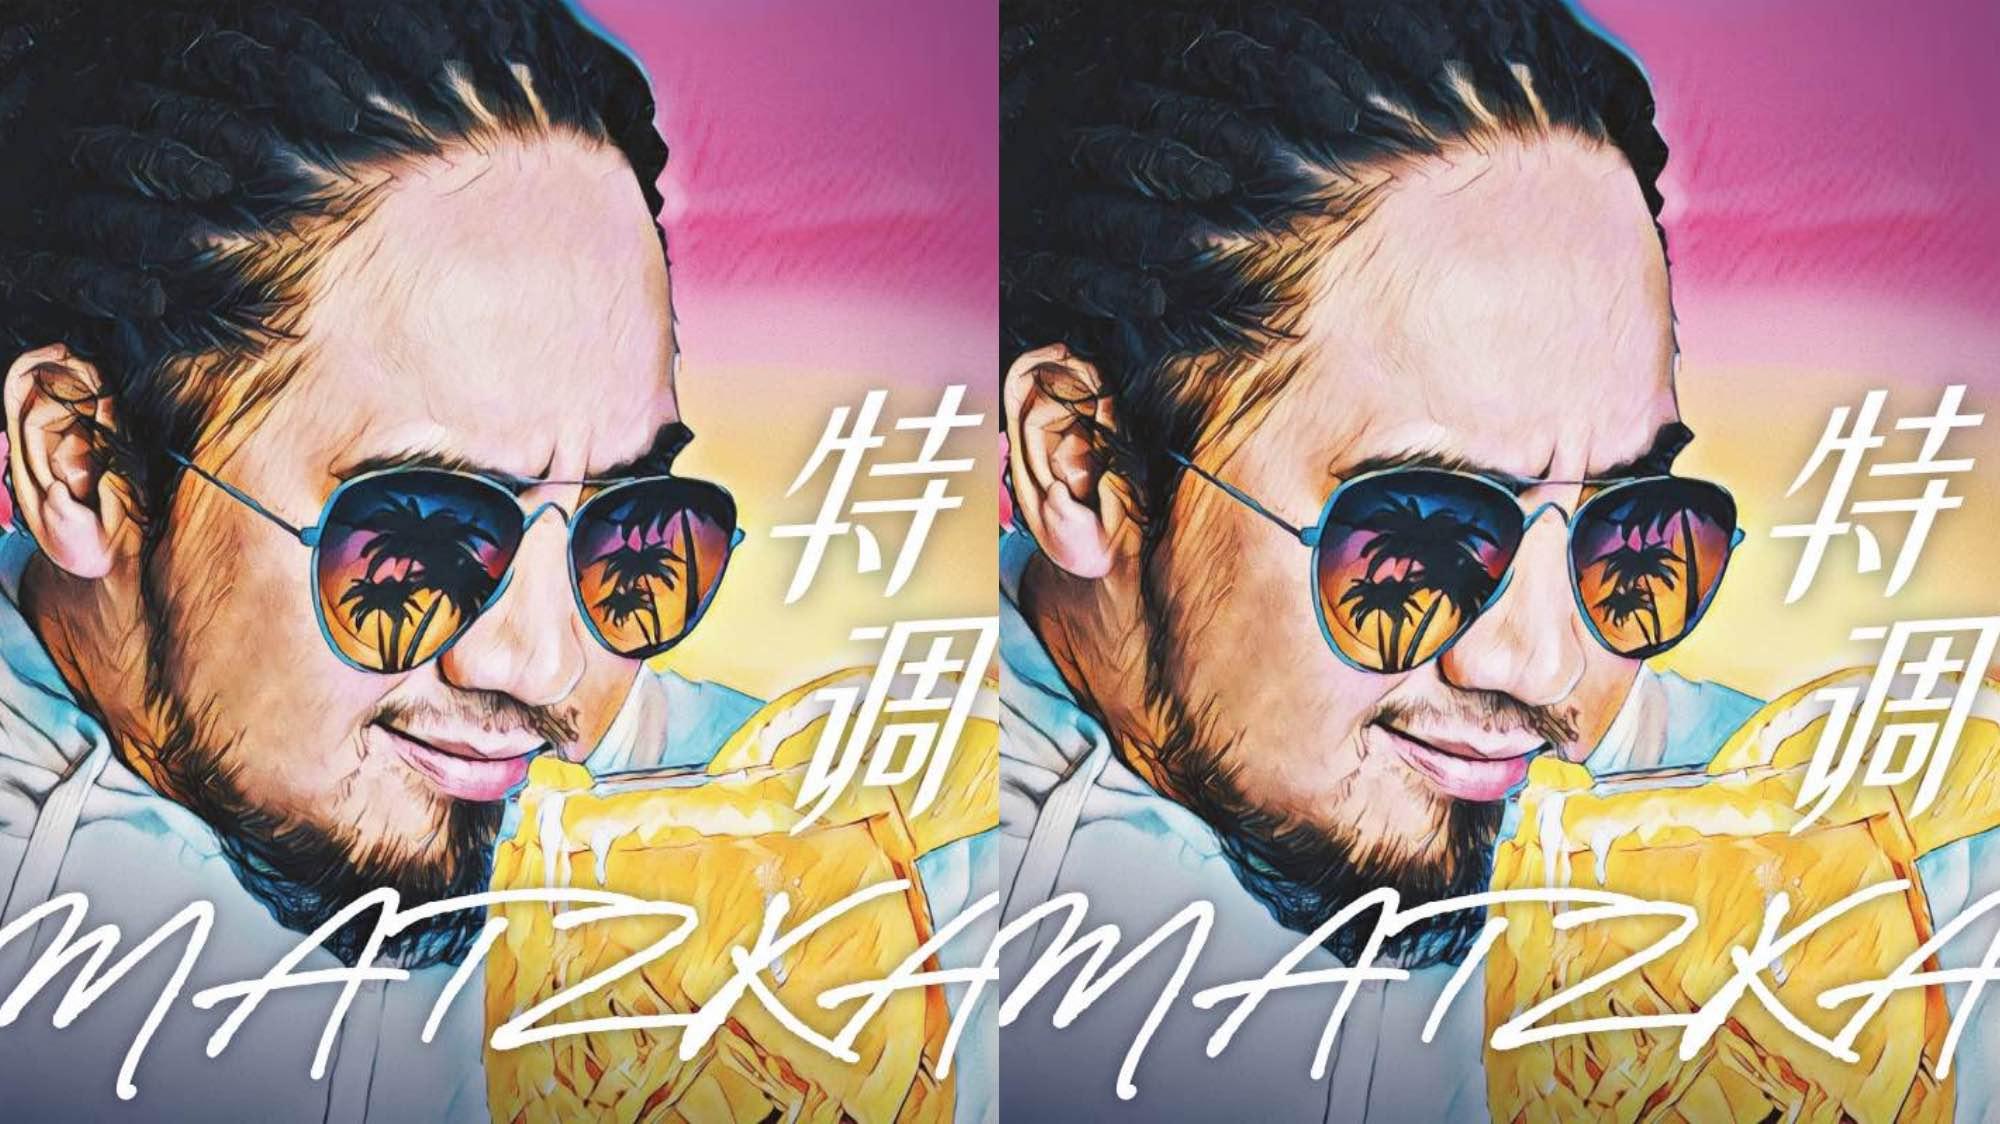 Matzka玛斯卡全新 EP《特调》今日全球发行  打破风格限制调配夏日音乐新风味